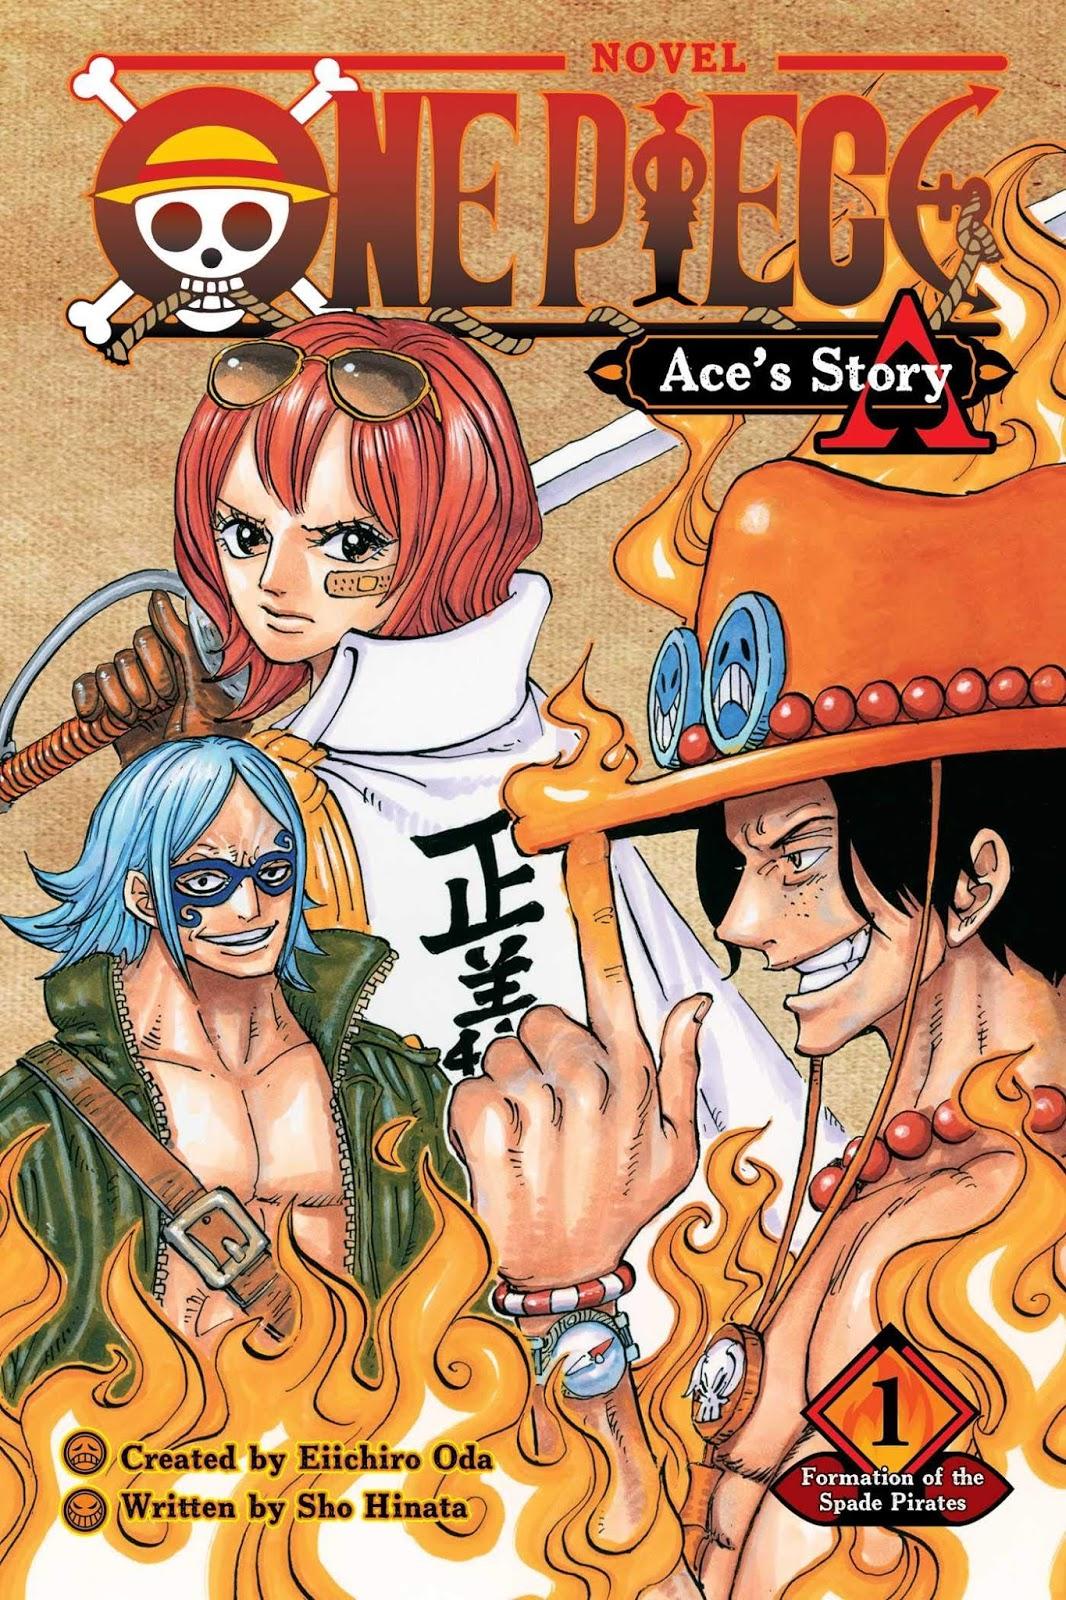 رواية One Piece: novel A(ce) الفصل 1